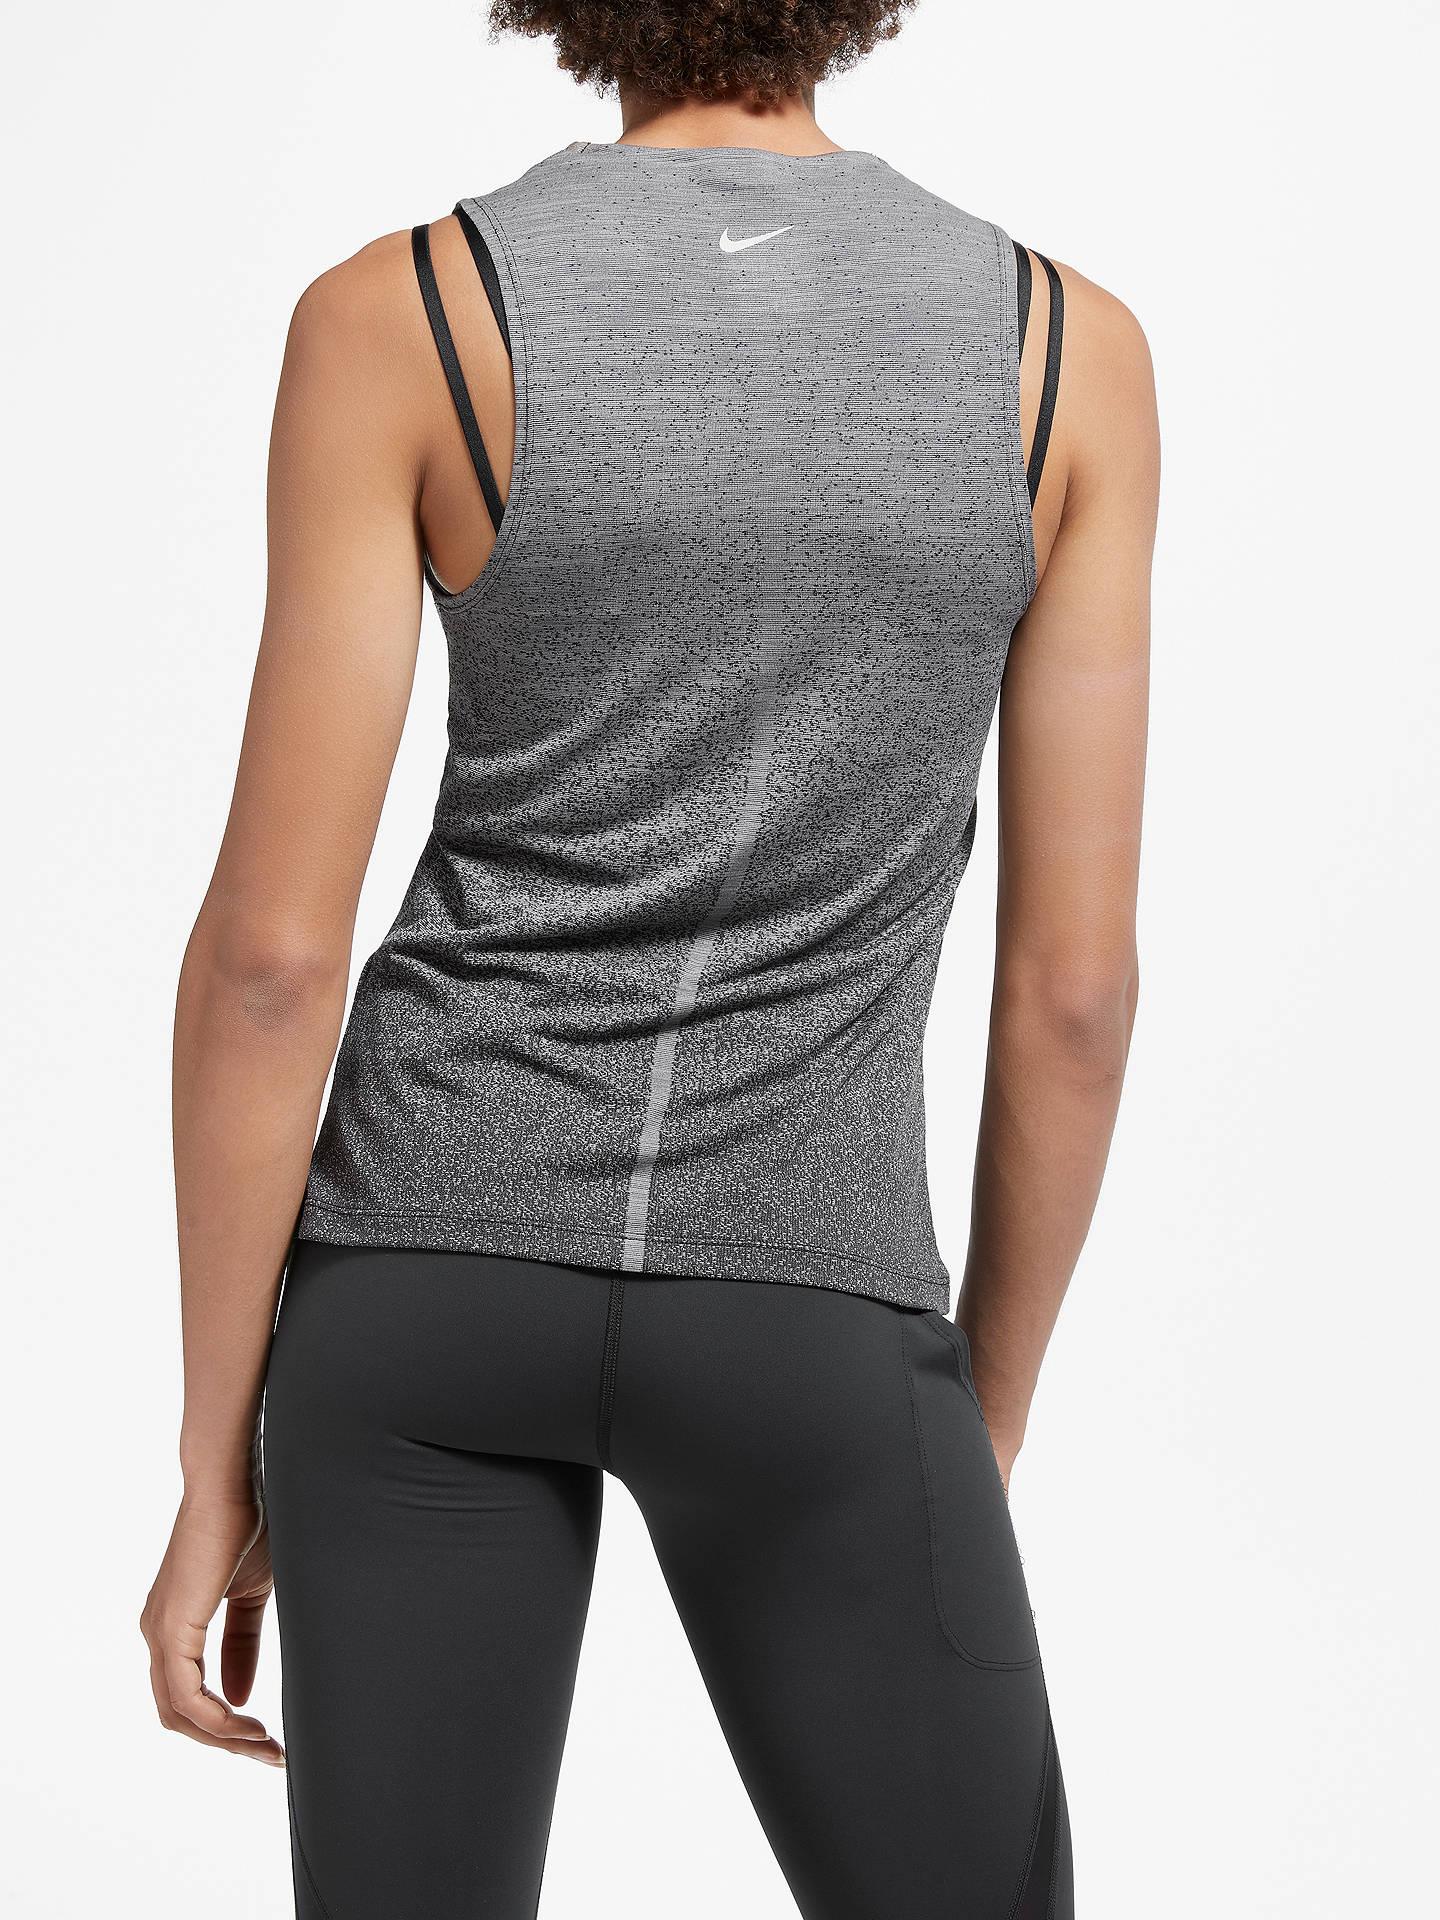 6de885b4860ee5 ... Buy Nike Dry Medalist Running Tank Top